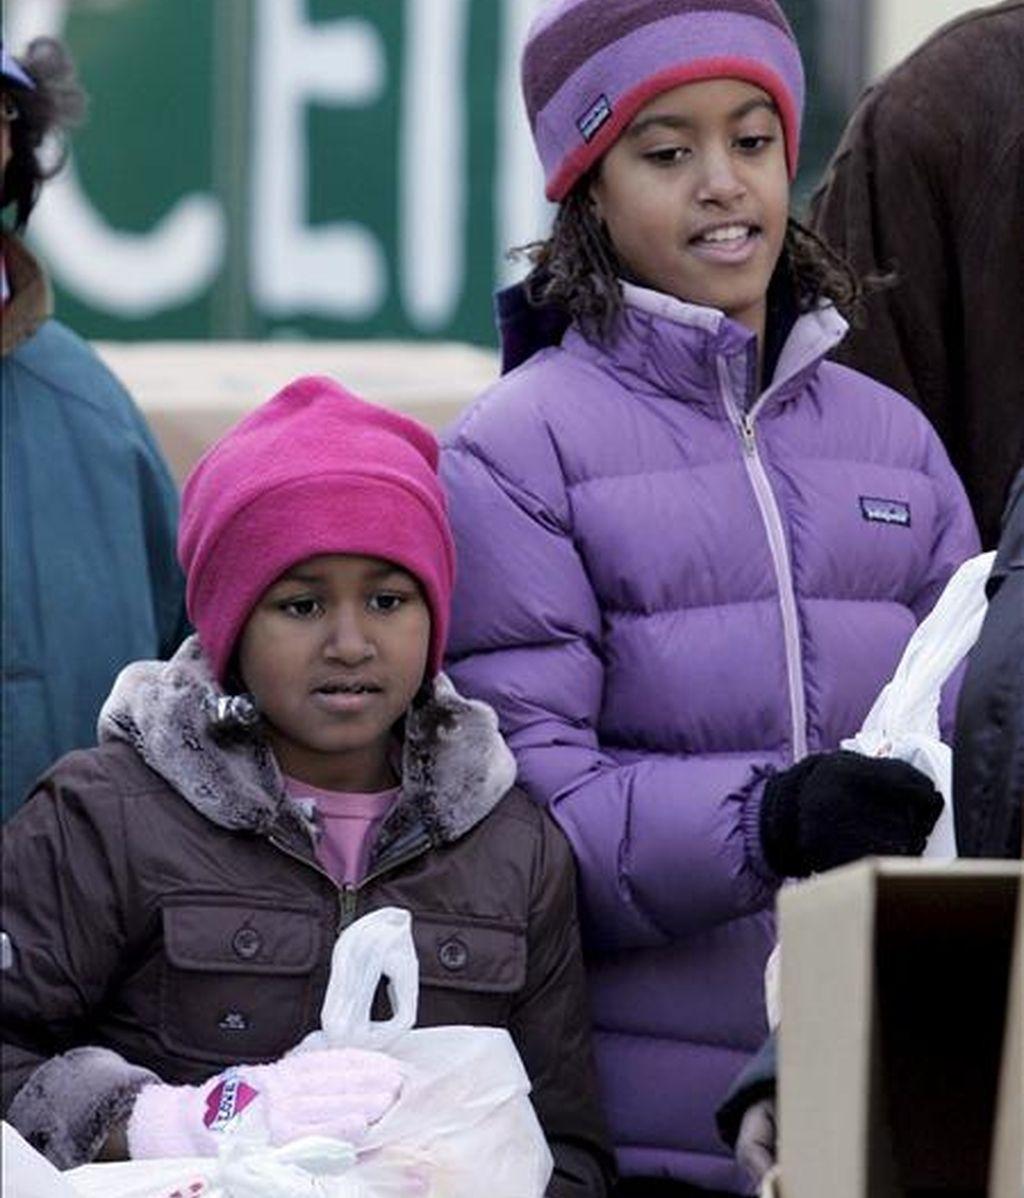 """Según un diario, Obama opinó que era """"inapropiado que la compañía Ty Incorporated usara a Malia (d), de 10 años, y Sasha (i), de 7, con fines de comercialización"""". EFE/Archivo"""